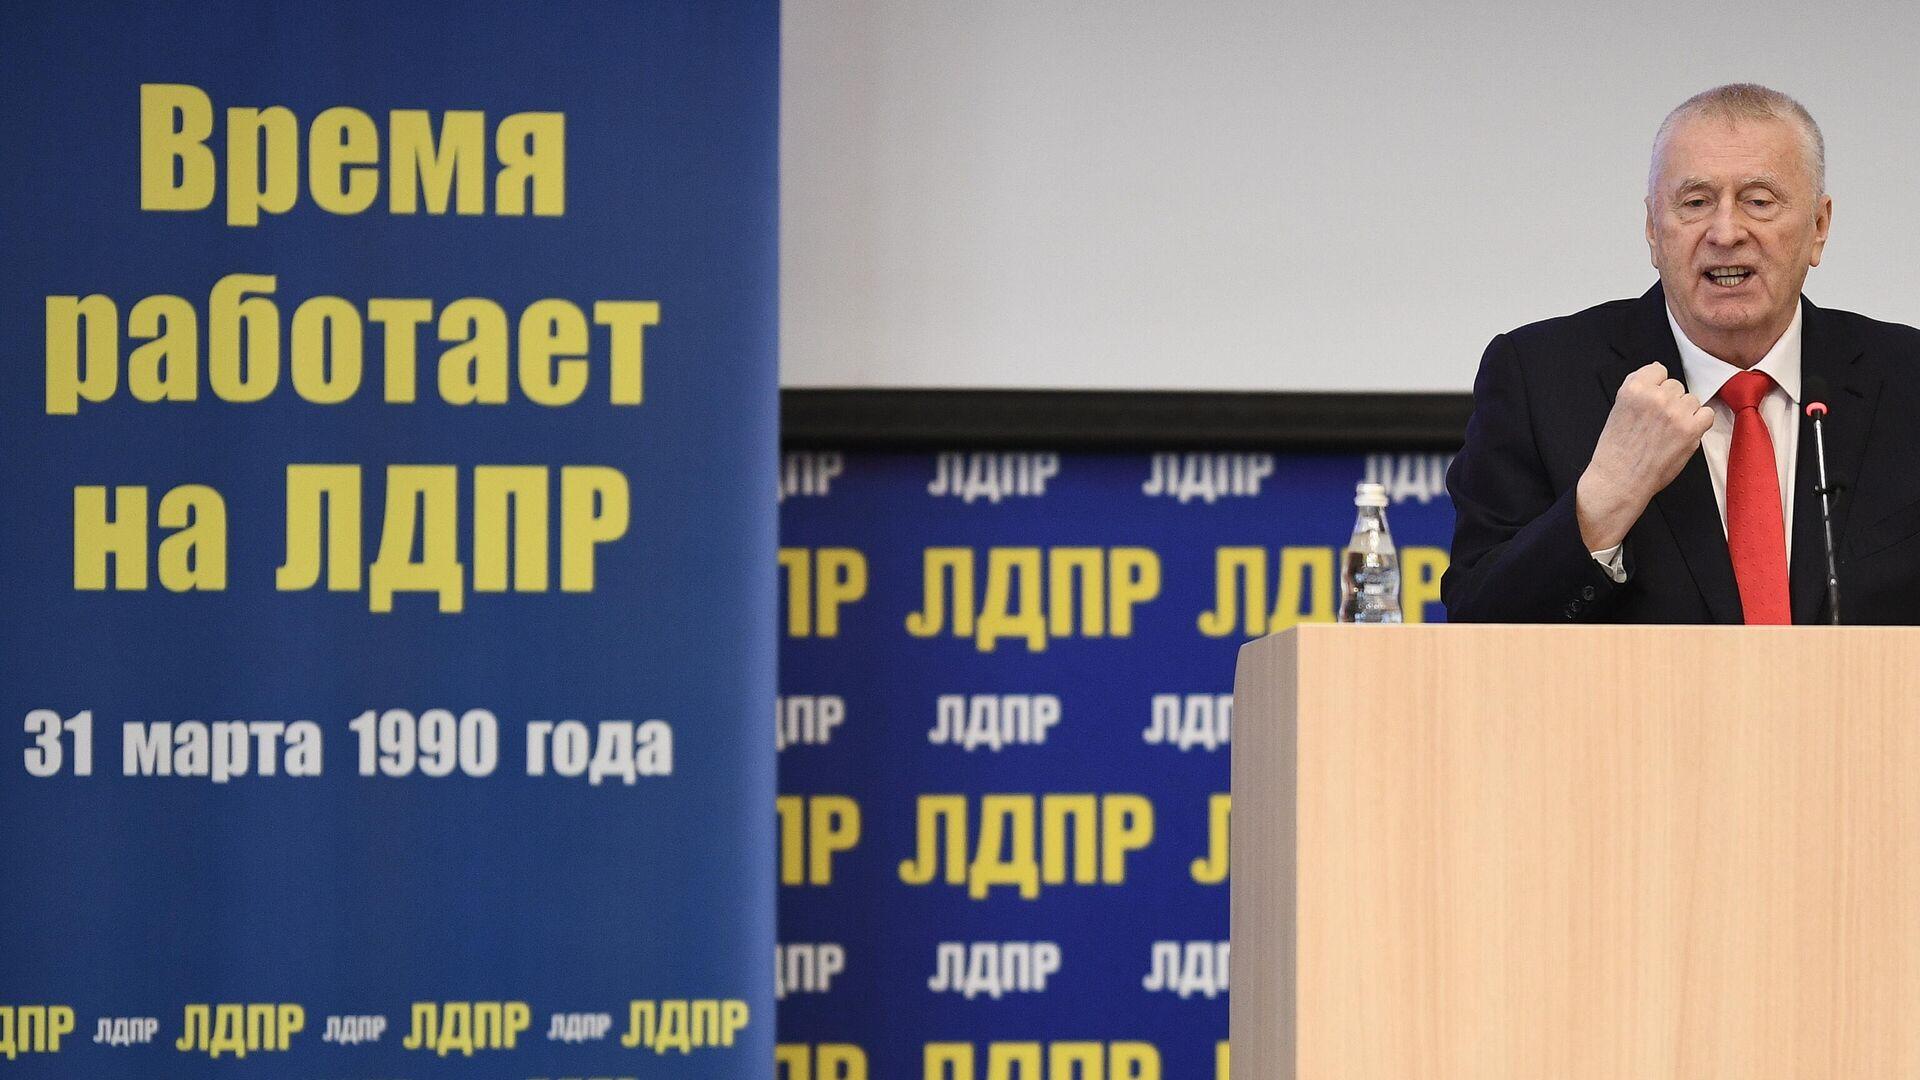 Руководитель Высшего Совета ЛДПР Владимир Жириновский во время обращения к молодежи - РИА Новости, 1920, 25.04.2021